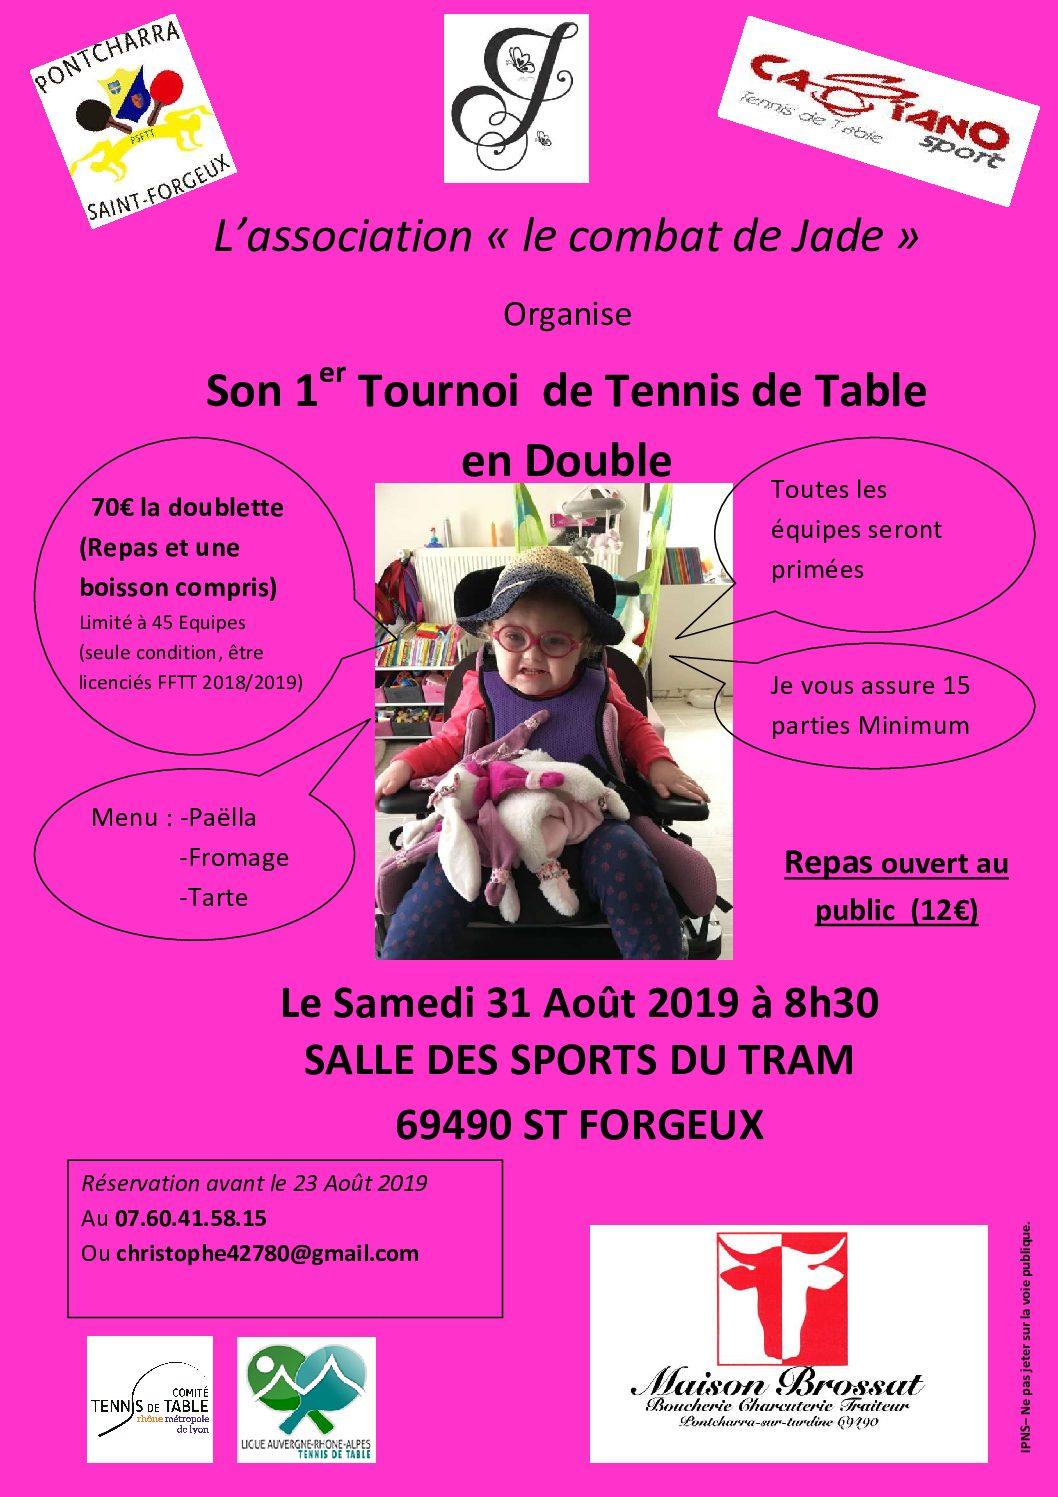 31 août 2019 / St Forgeux : l'association «le combat de Jade» organise son 1er tournoi en double